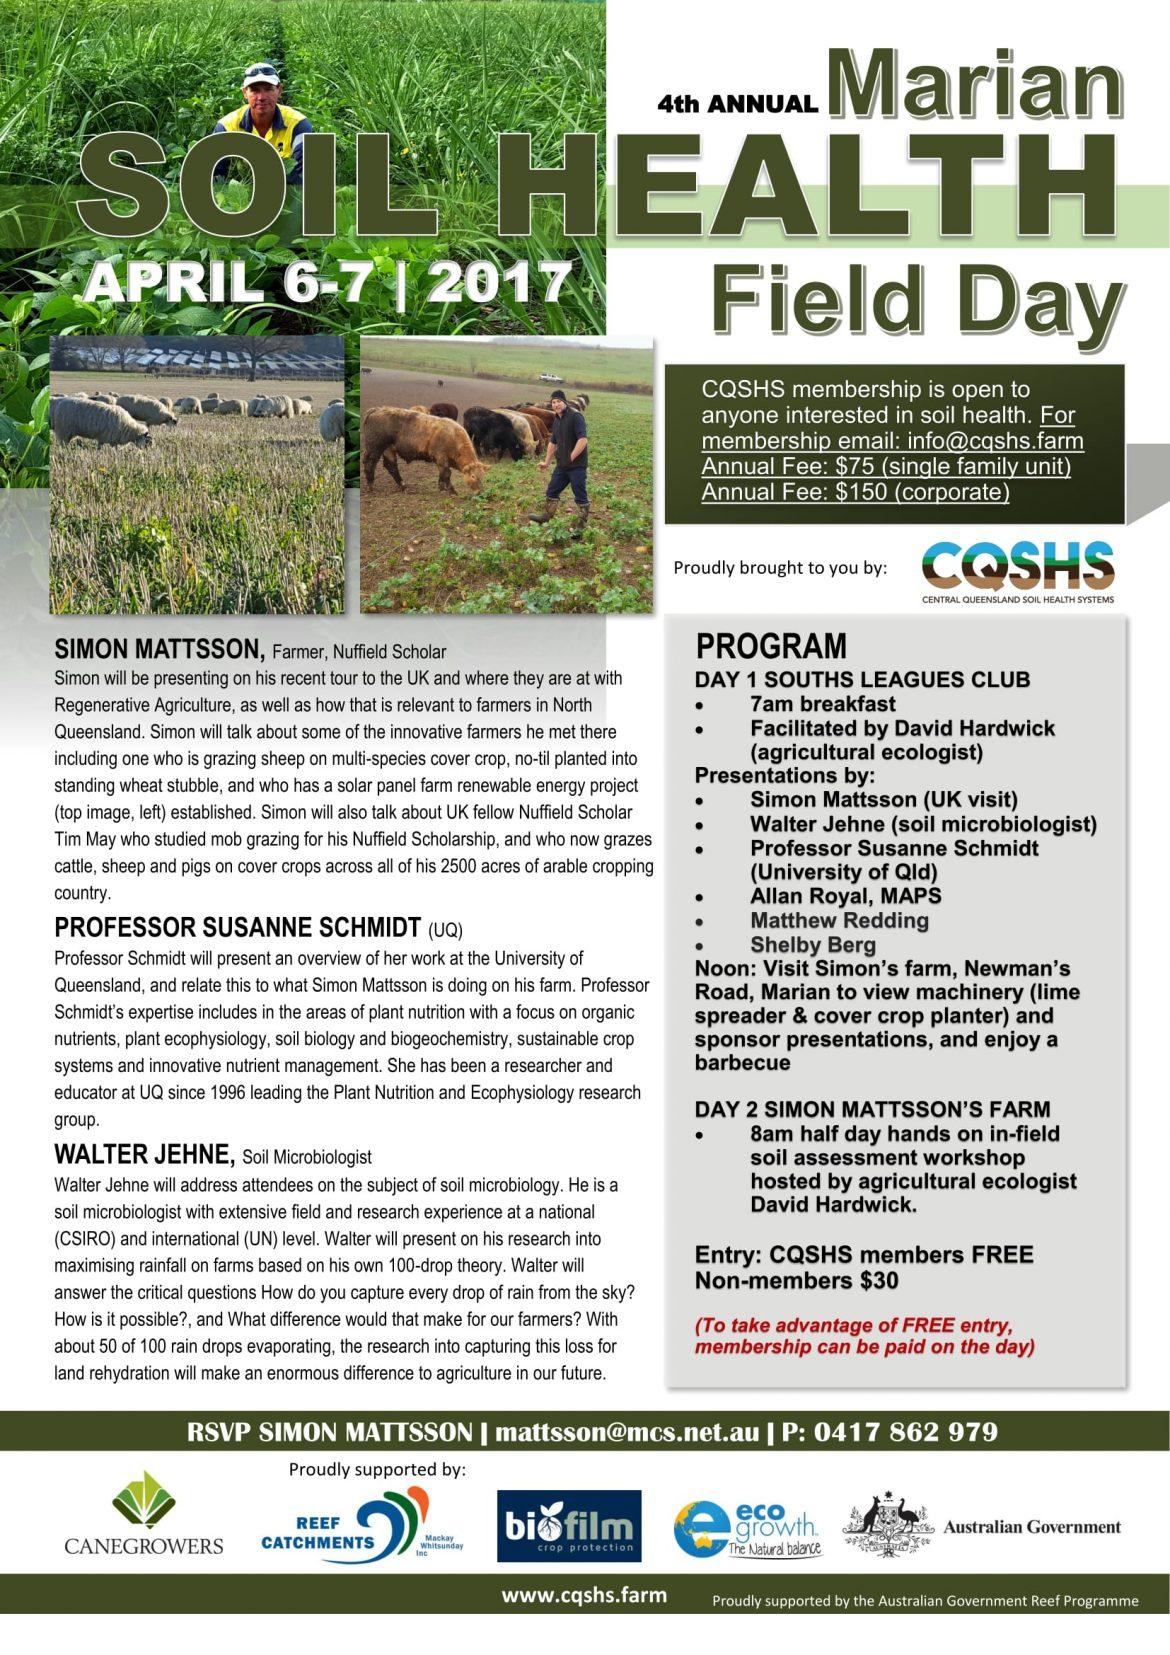 4th Marian Soil Health Field Day